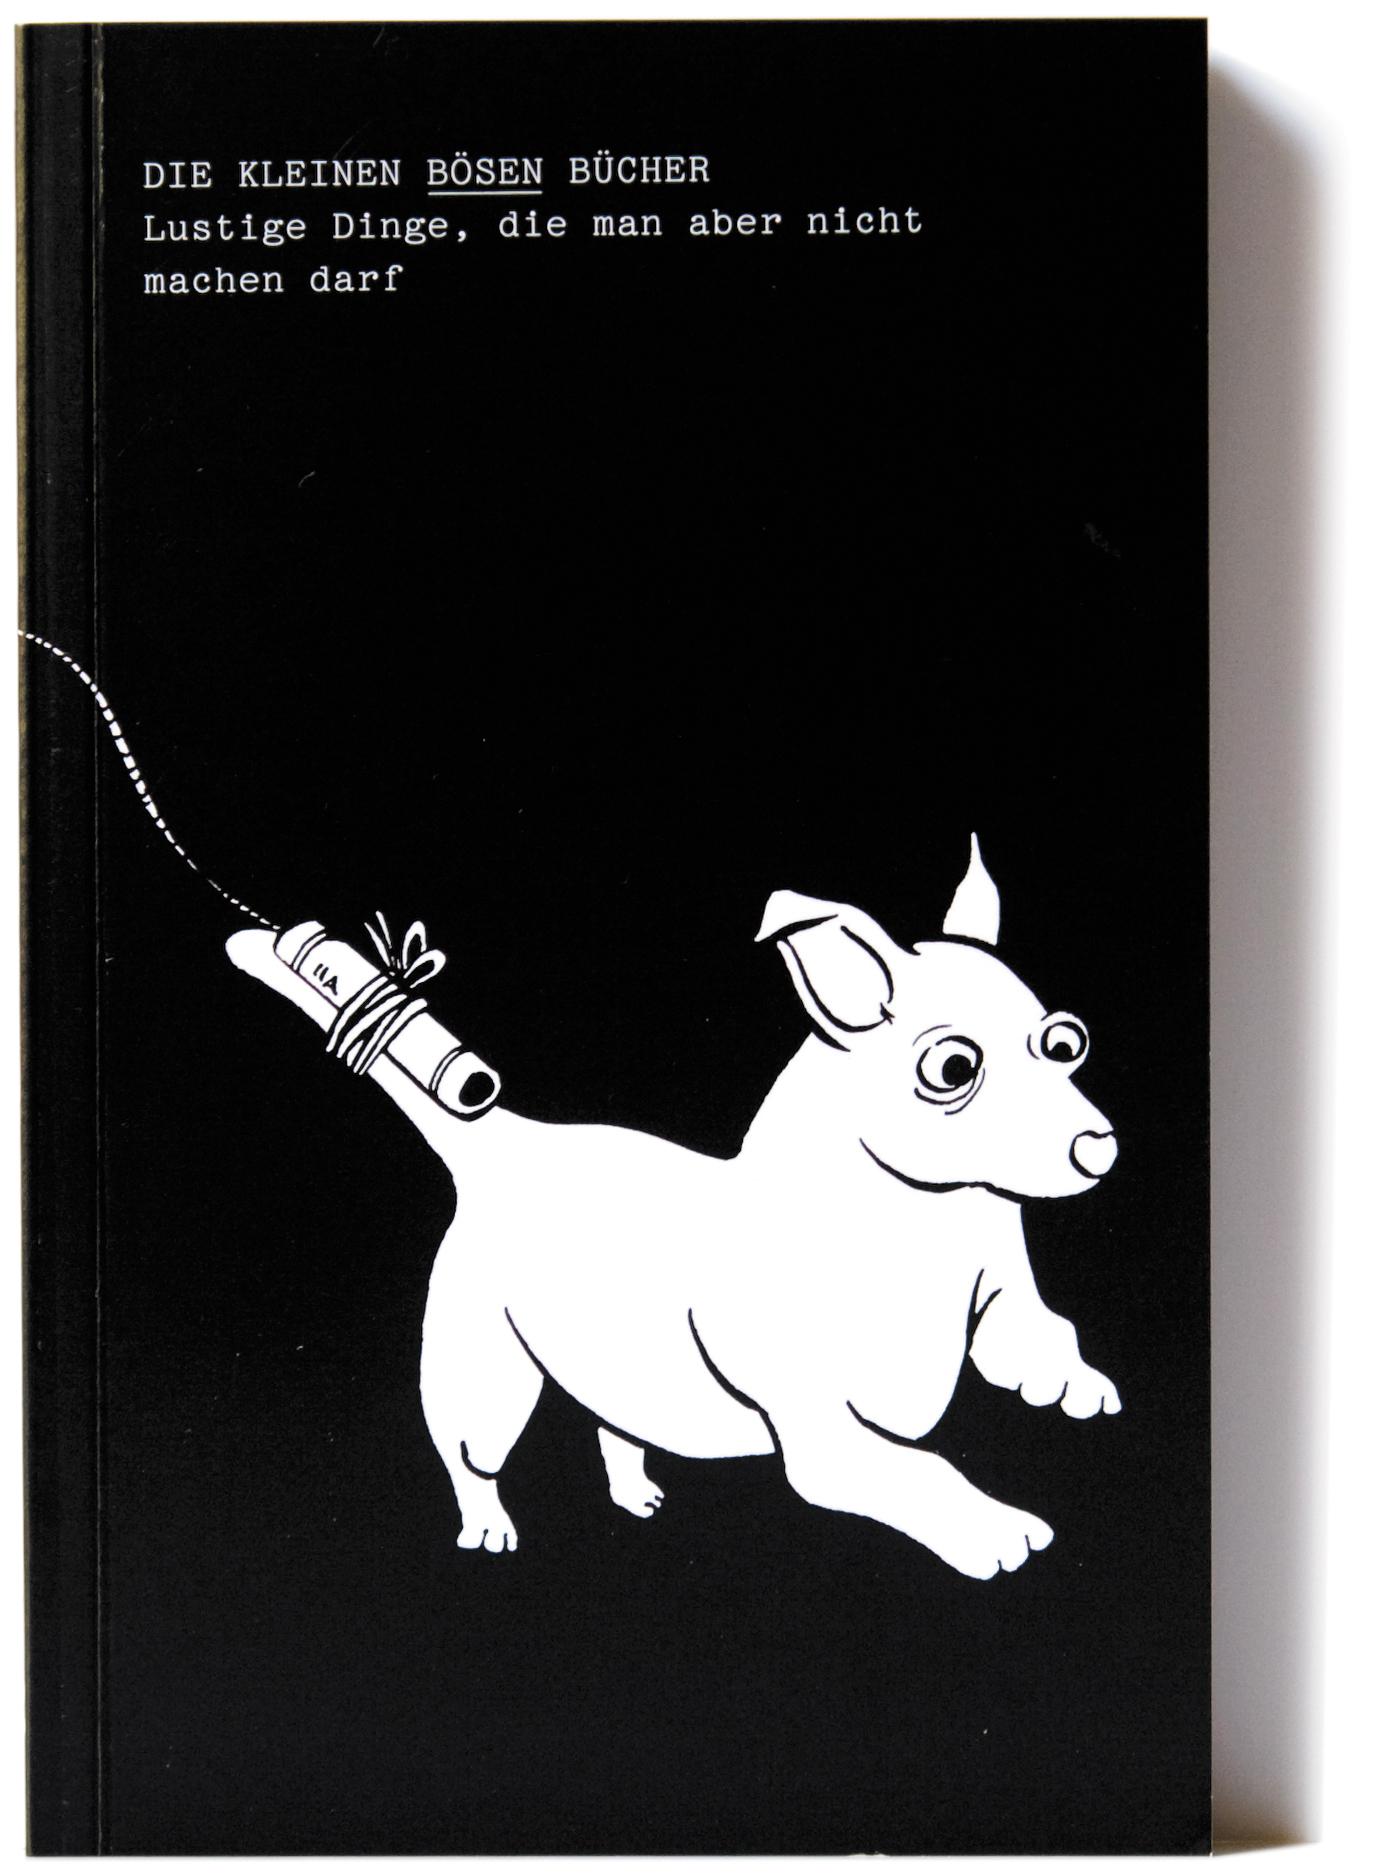 ISBN-978-3-940029-24-9